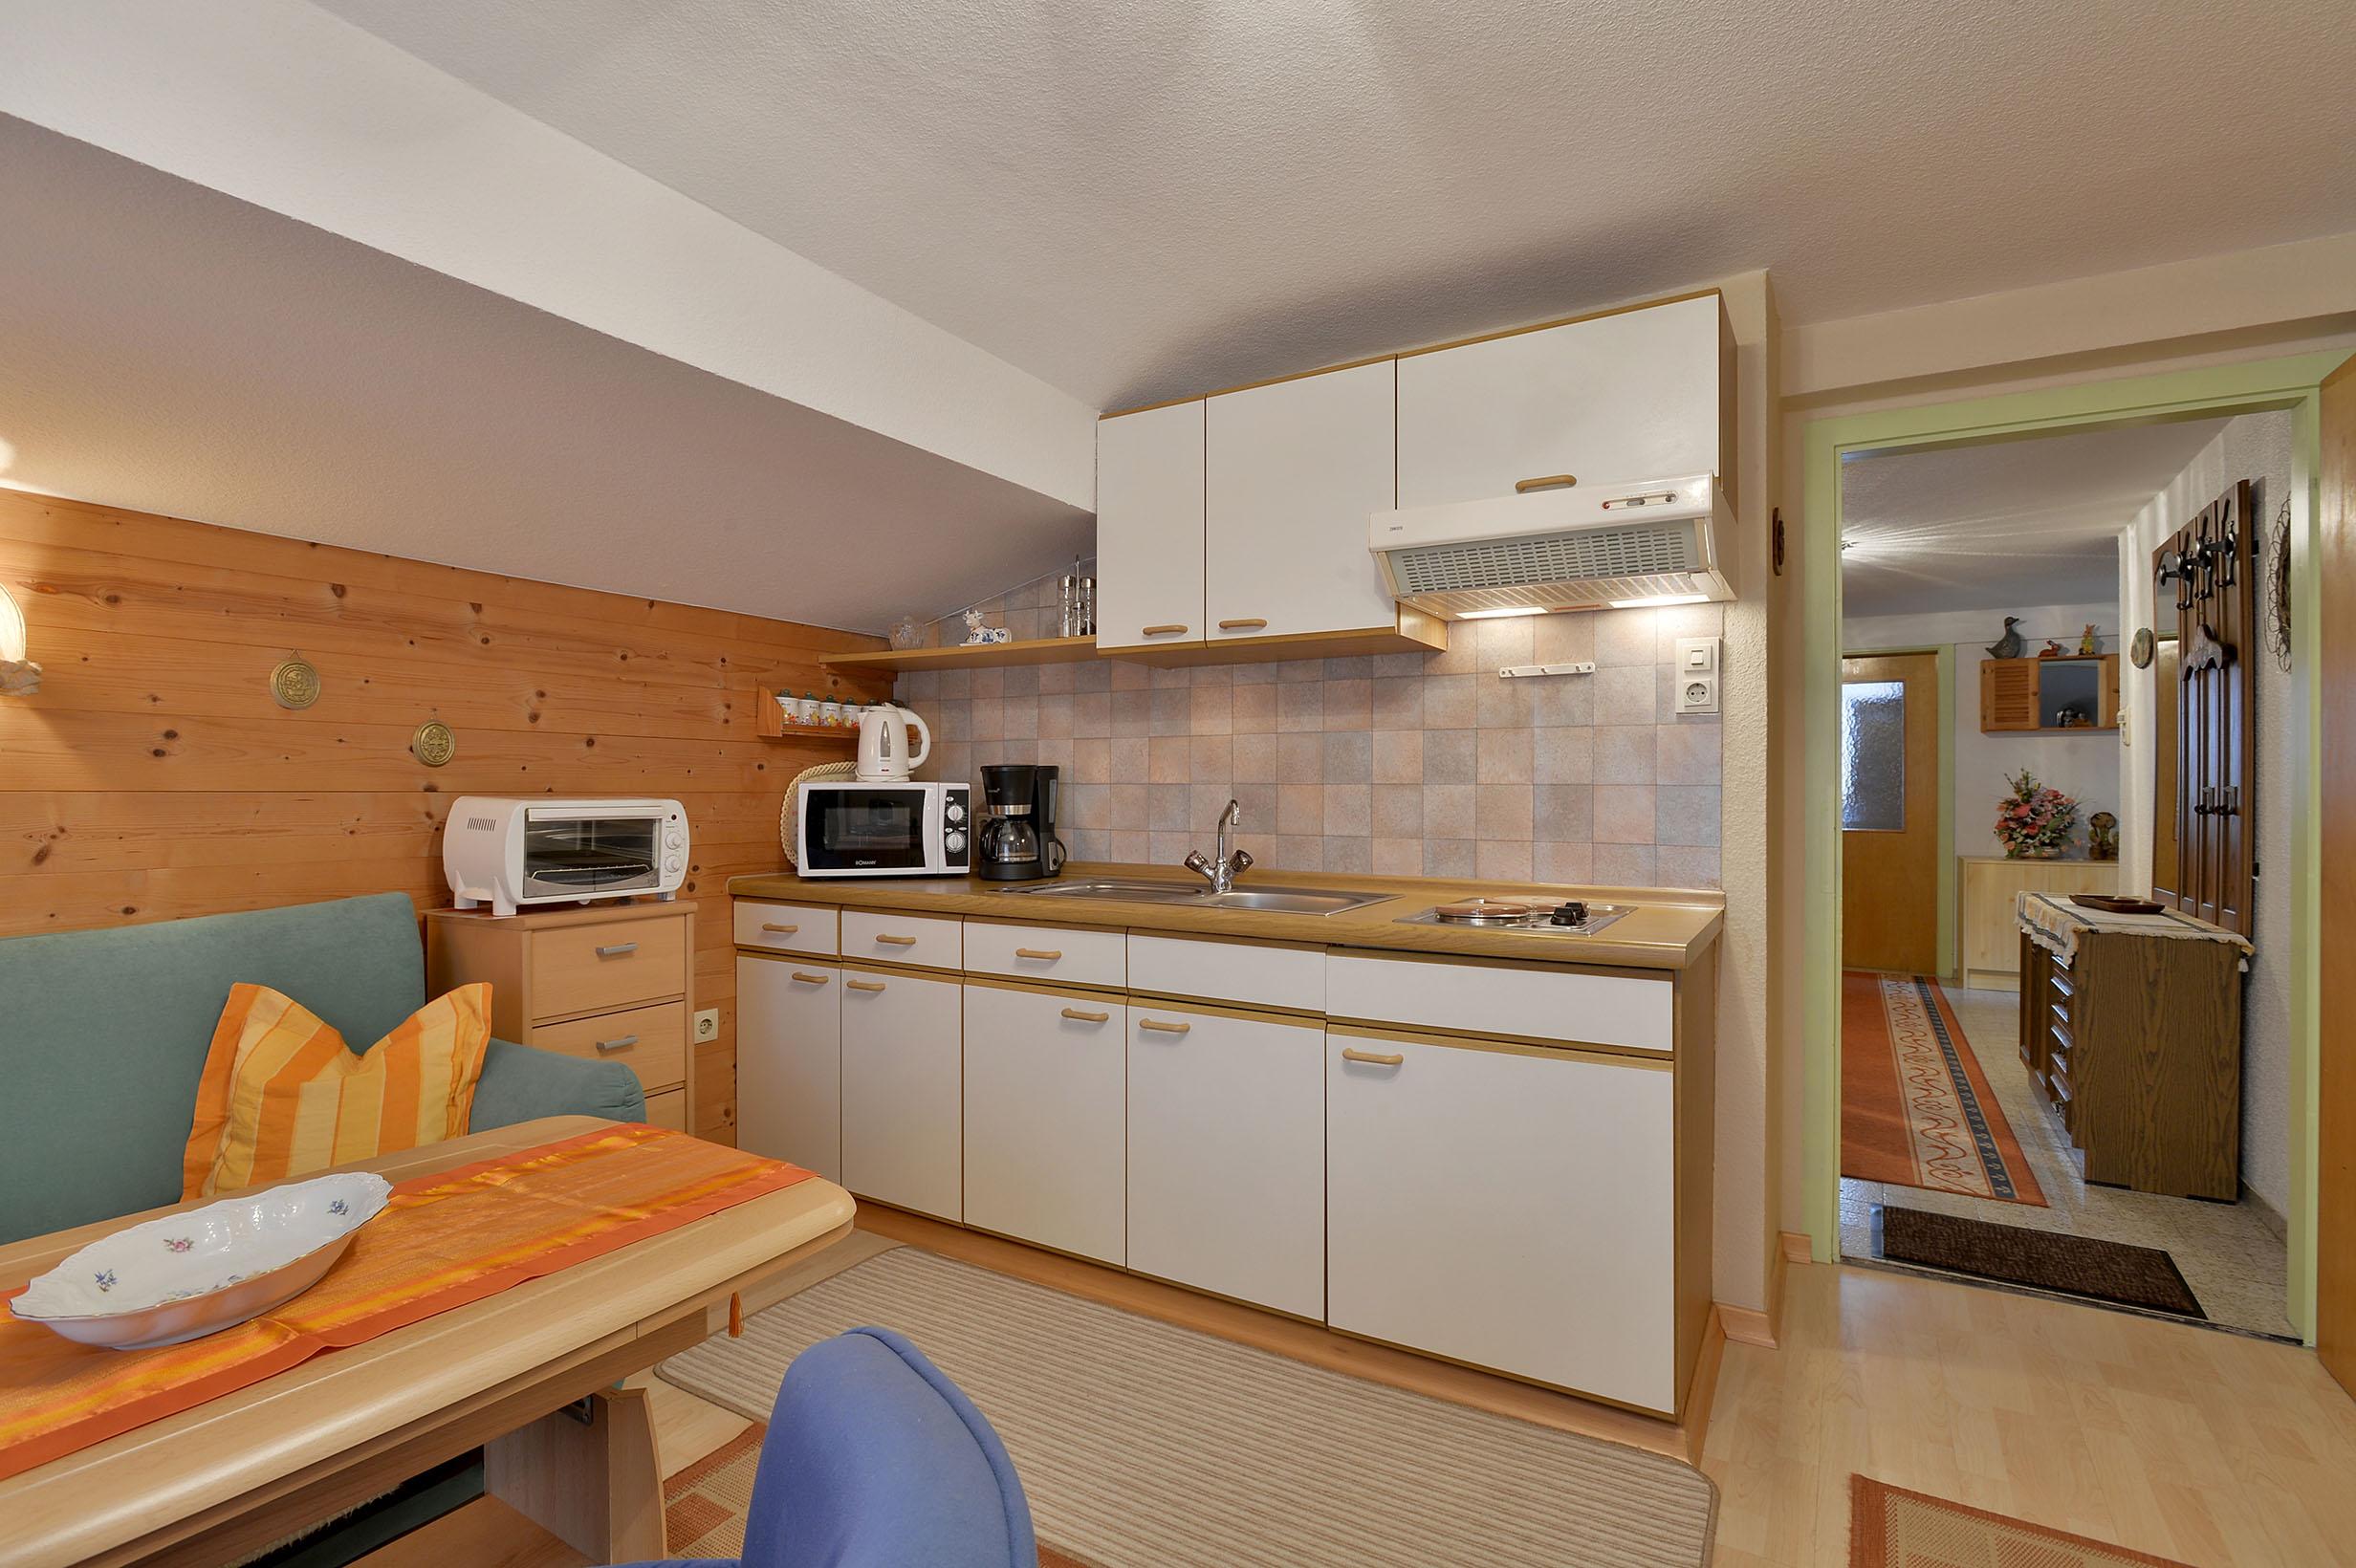 Gaestehaus-Planer-Schwendt-Schlecht-1-Barbara-Planer-Appartement-Kueche